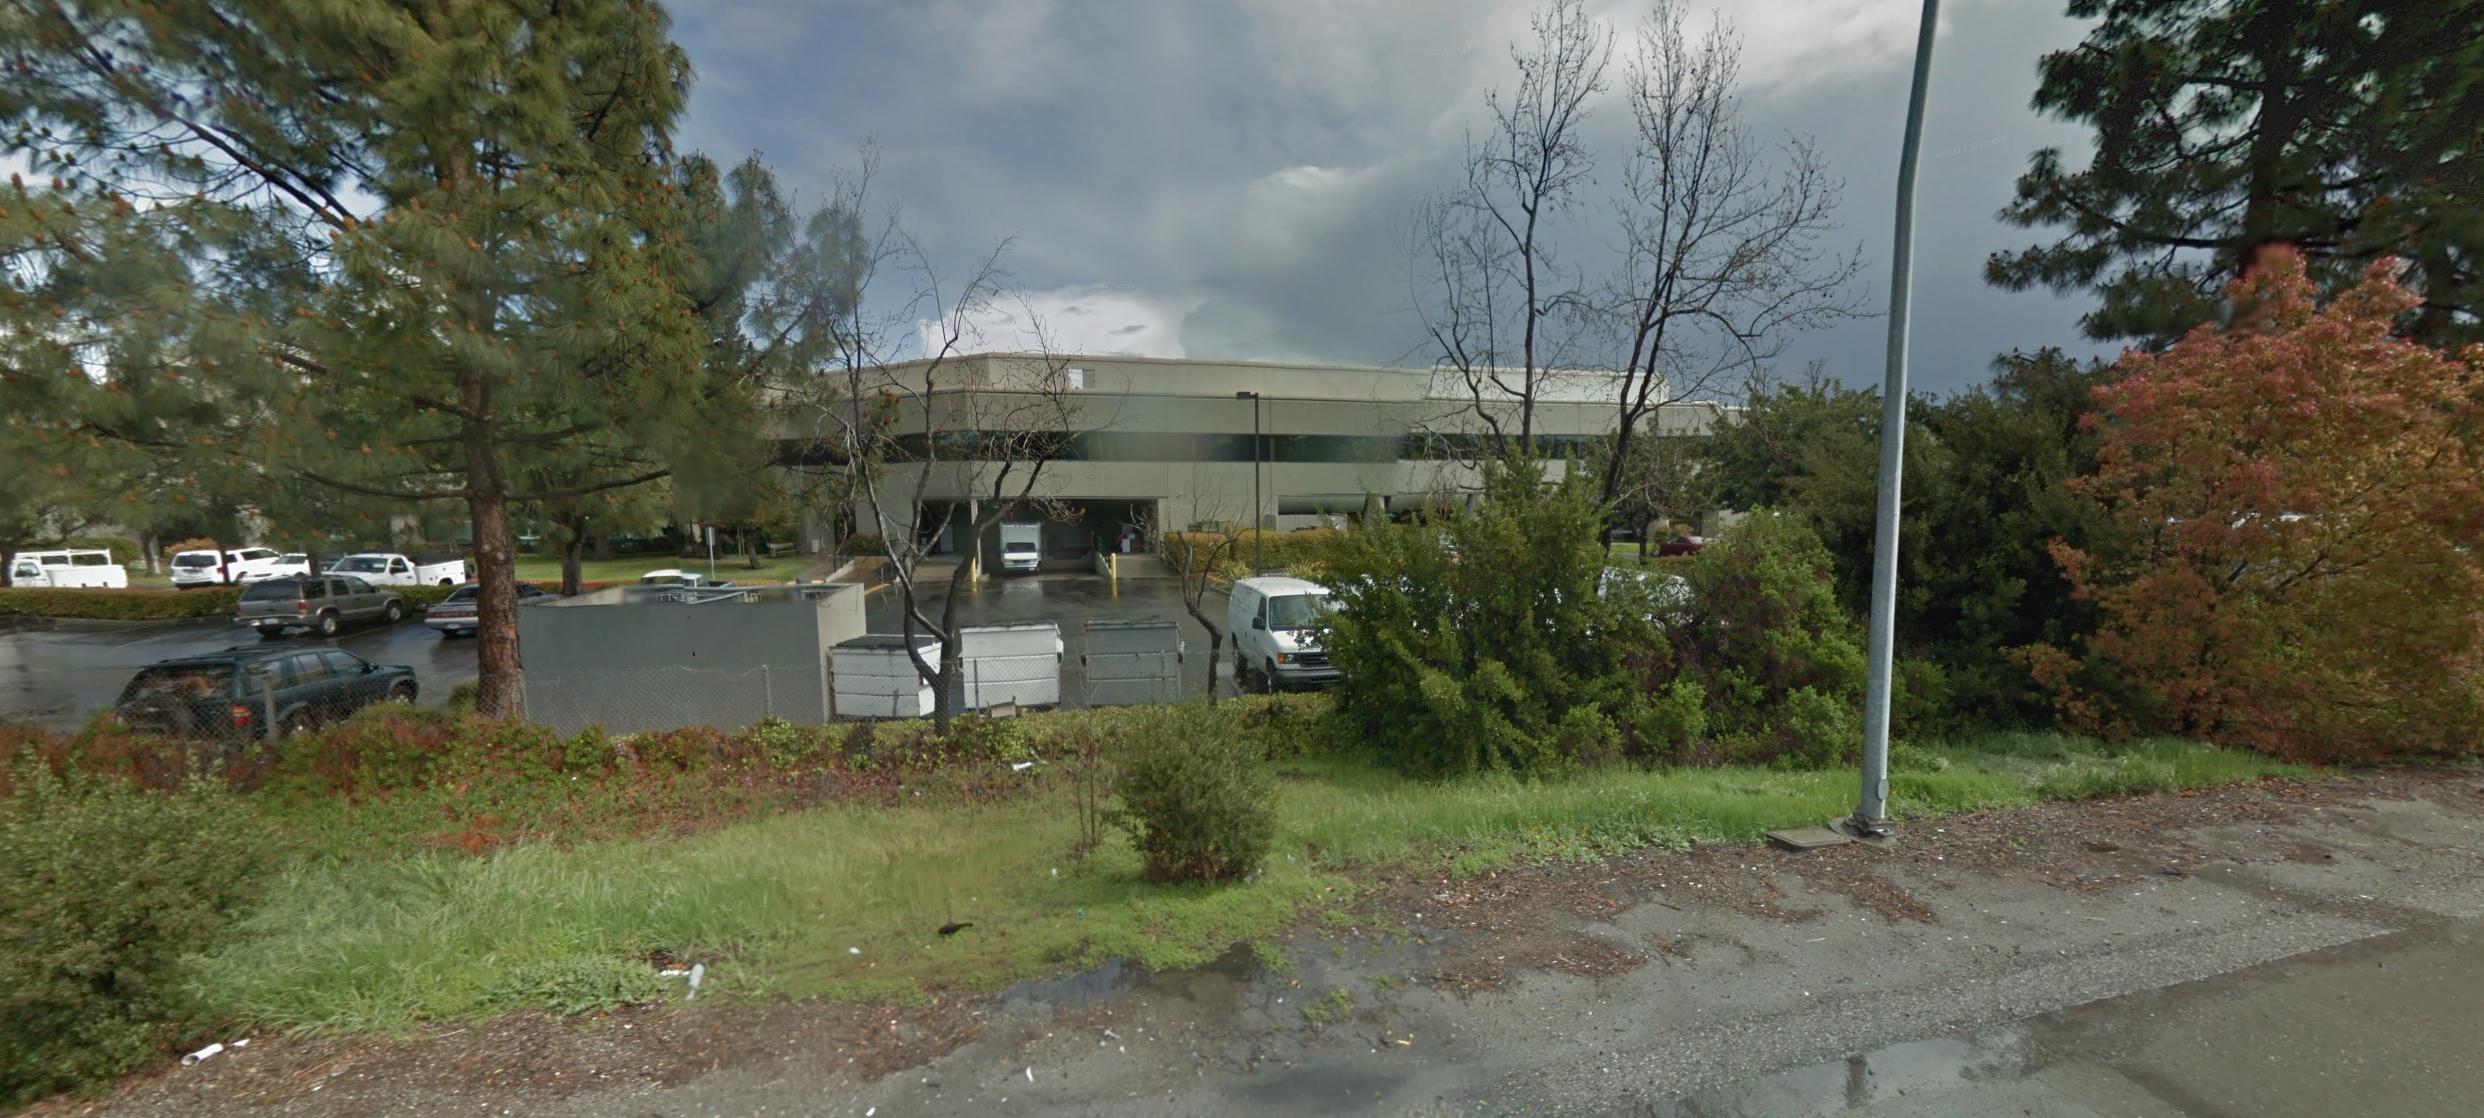 iSpaceship (Google Maps 001)